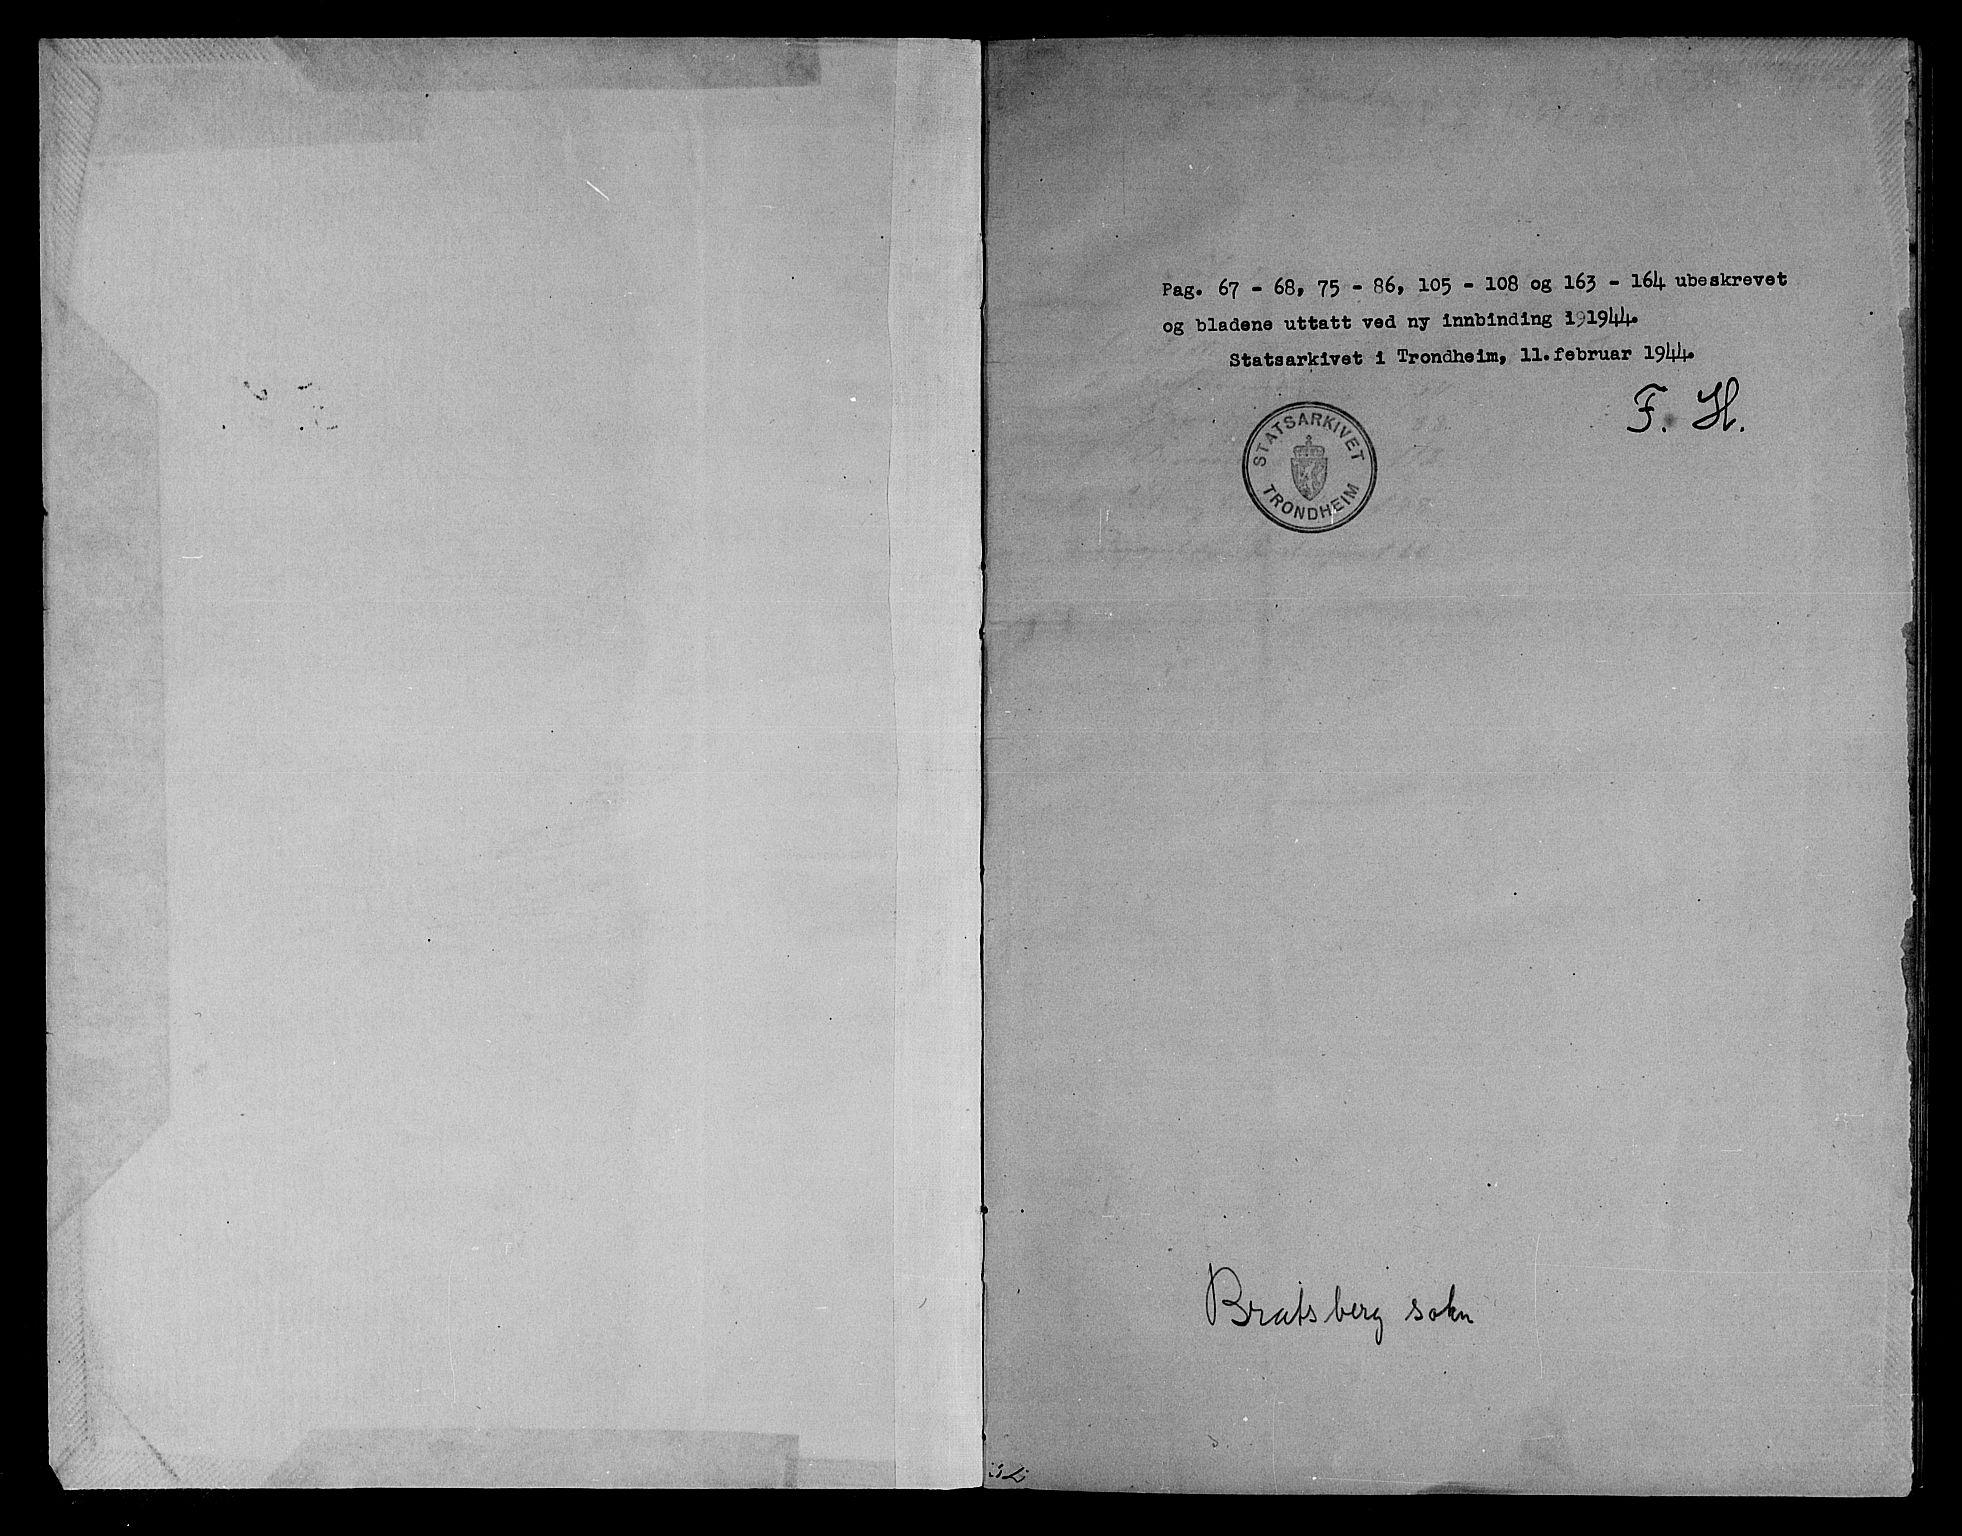 SAT, Ministerialprotokoller, klokkerbøker og fødselsregistre - Sør-Trøndelag, 608/L0340: Klokkerbok nr. 608C06, 1864-1889